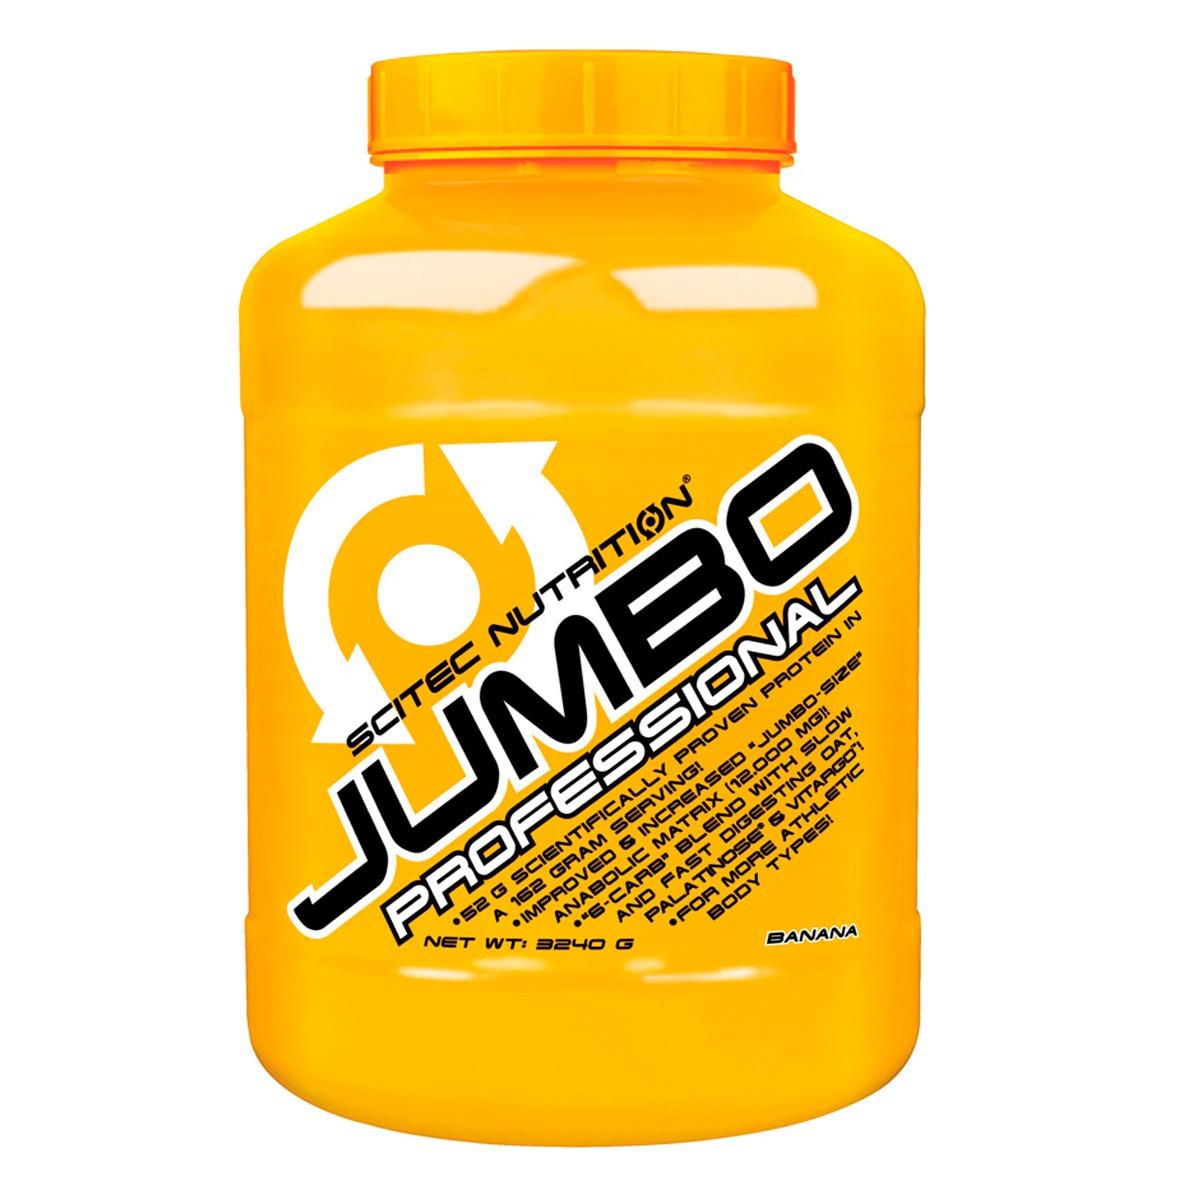 Високобілковий Гейнер Scitec Nutrition Jumbo Professional (3240 g)